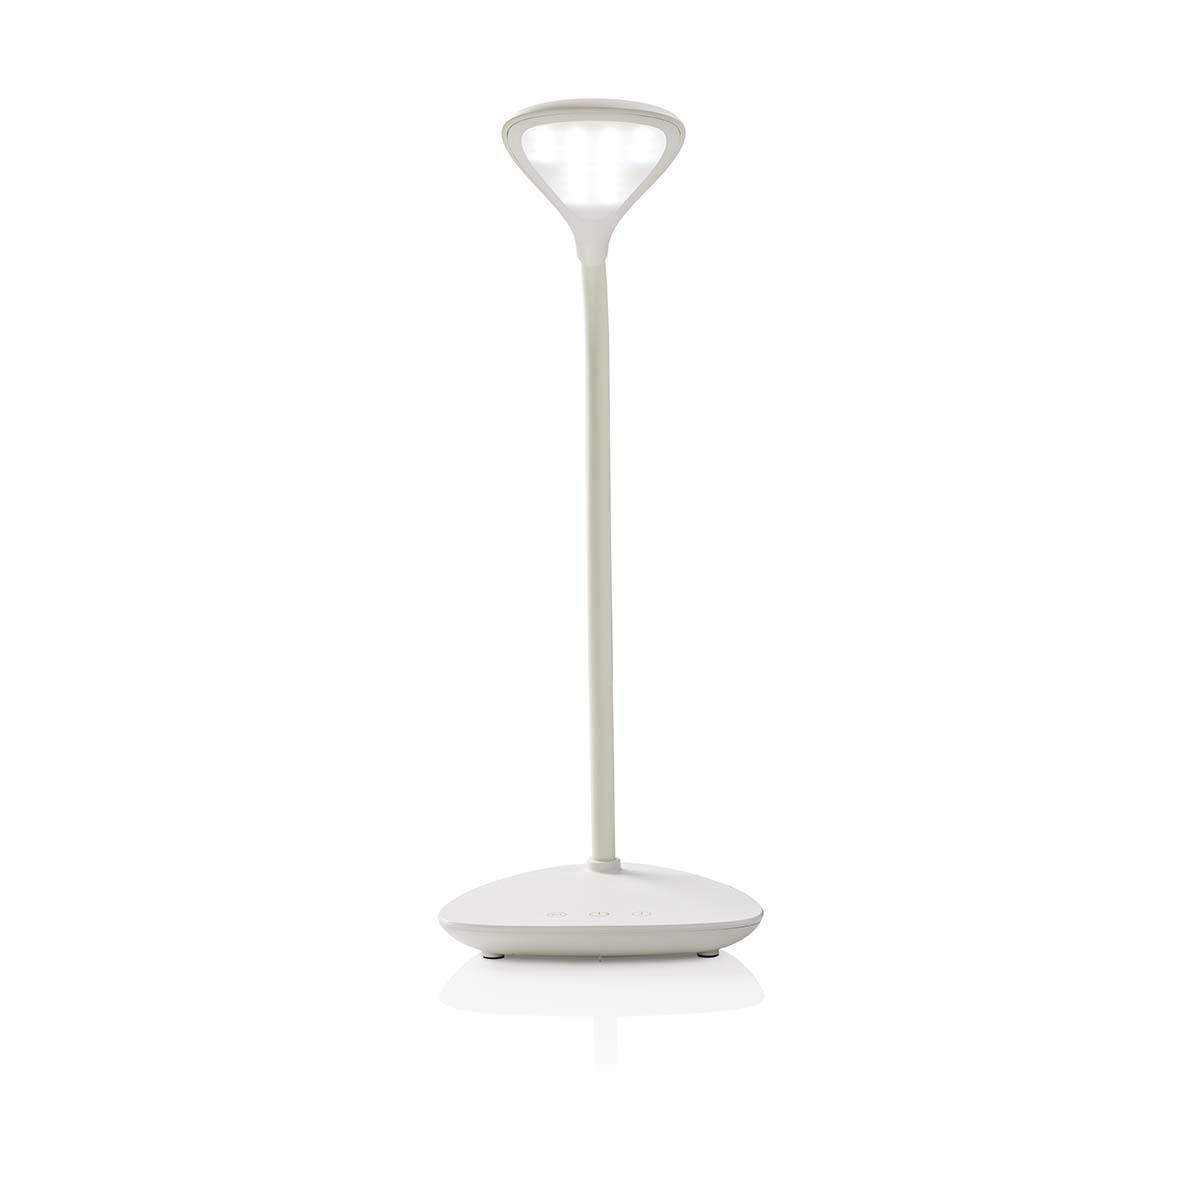 akkumlátor asztali lámpa